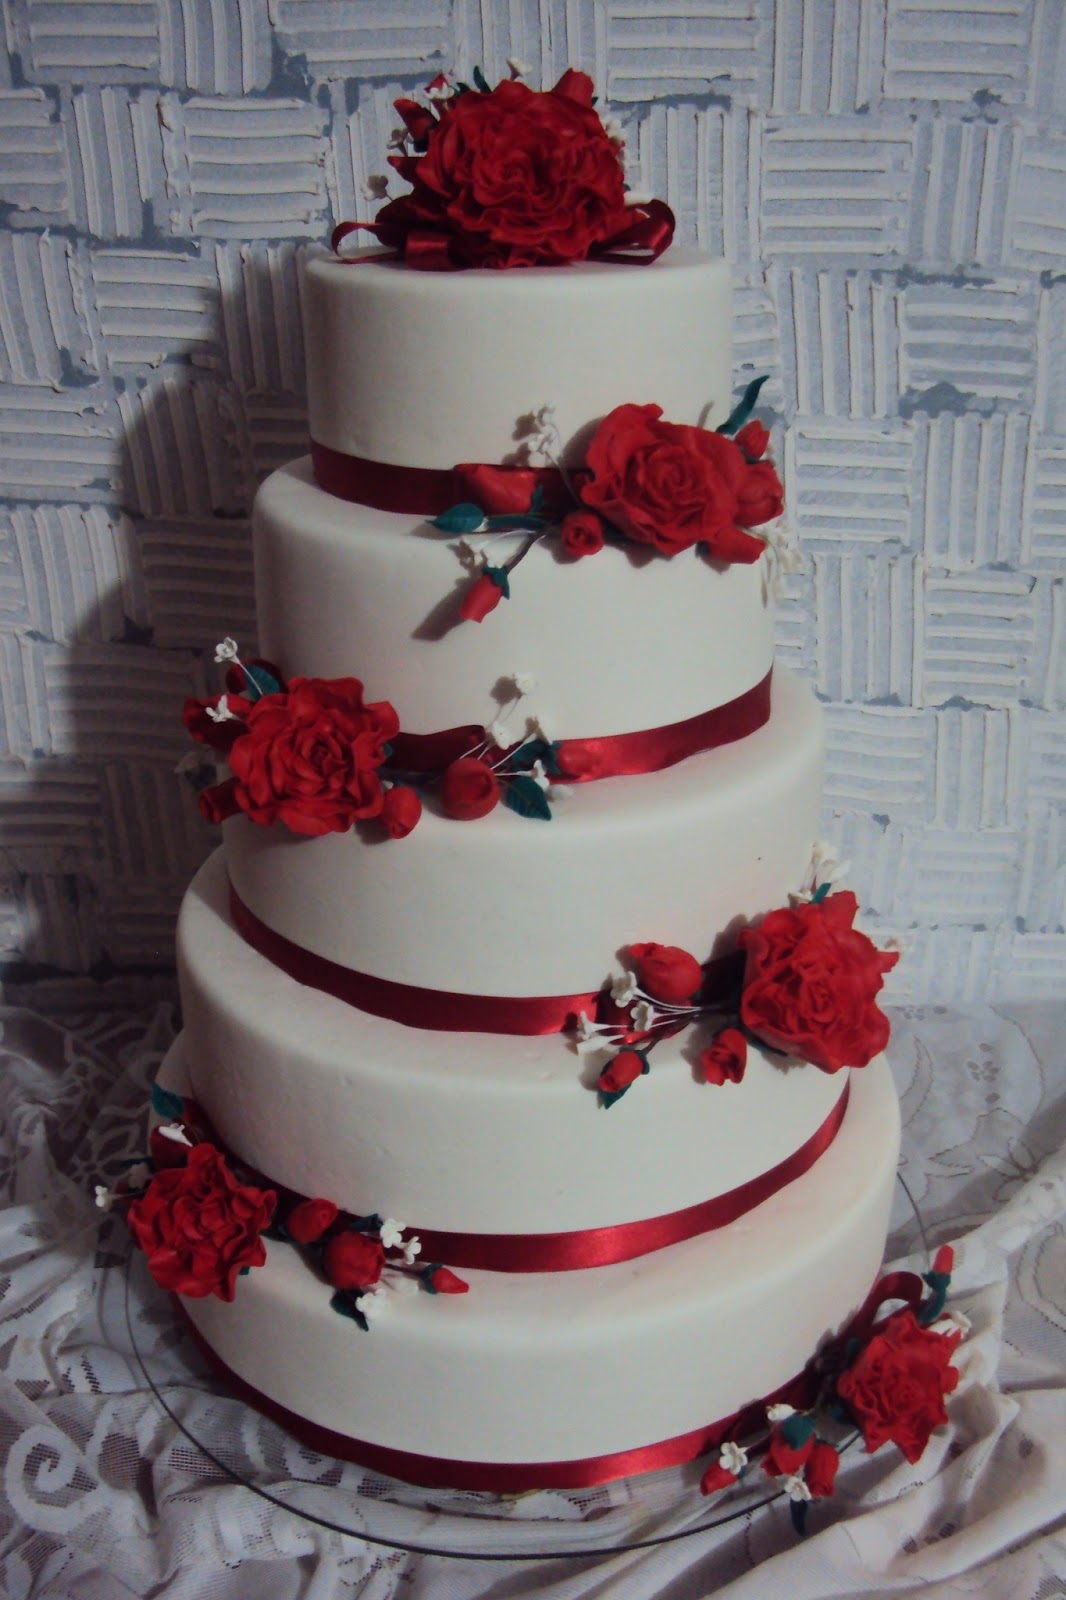 Marjori Bolos Bolo De Casamento Com Rosas Vermelhas